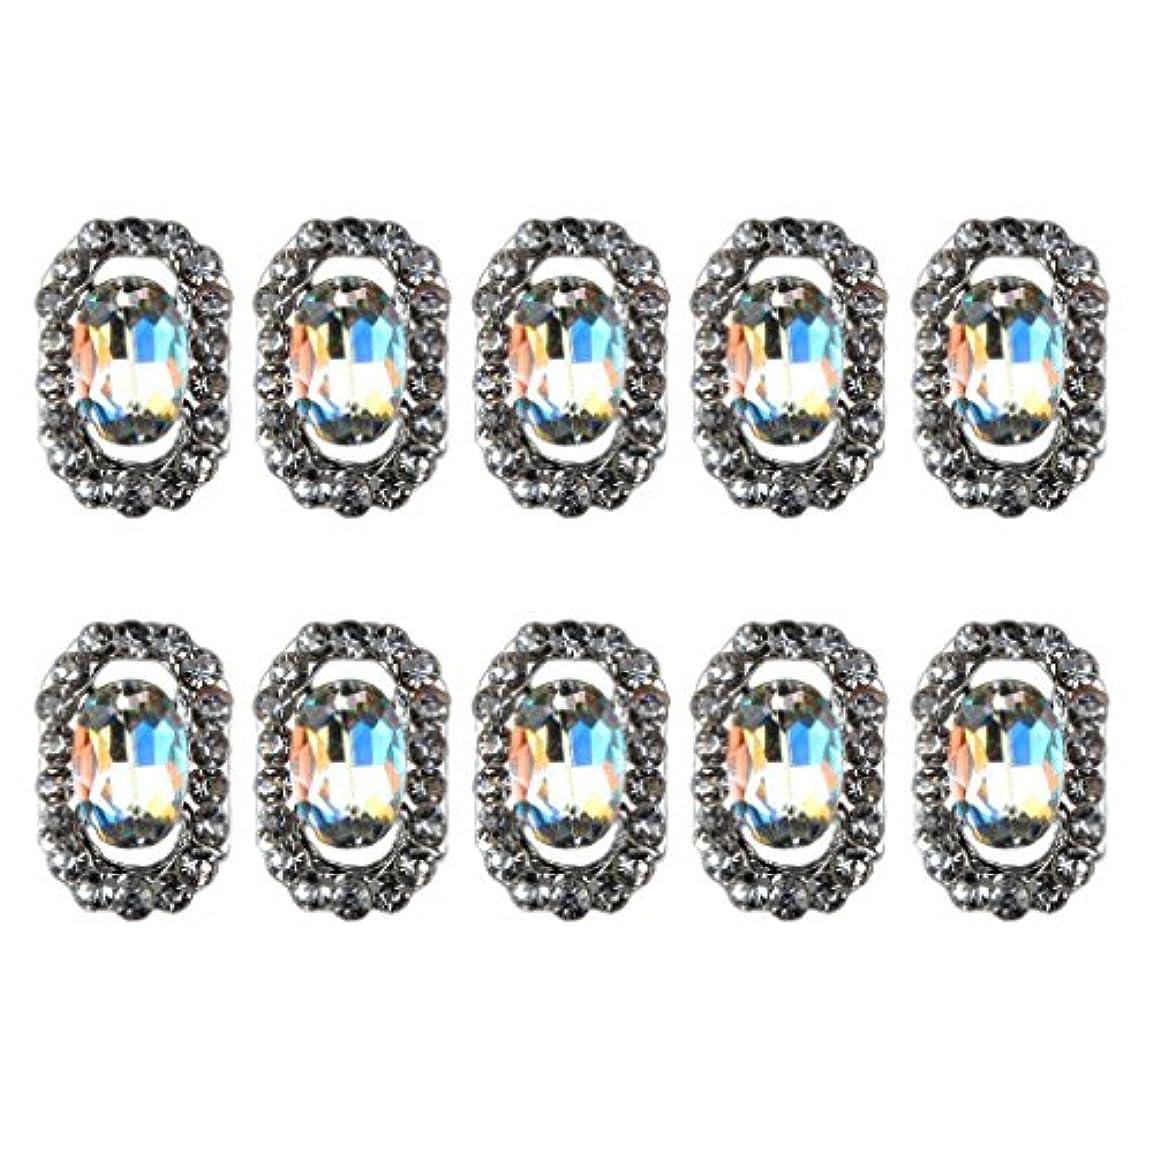 貧しいチャールズキージング崇拝するPerfeclan 10個入り ラインストーン ネイル デコ ガラスストーン クリスタル ネイルアート キラキラ 全5種 - #2